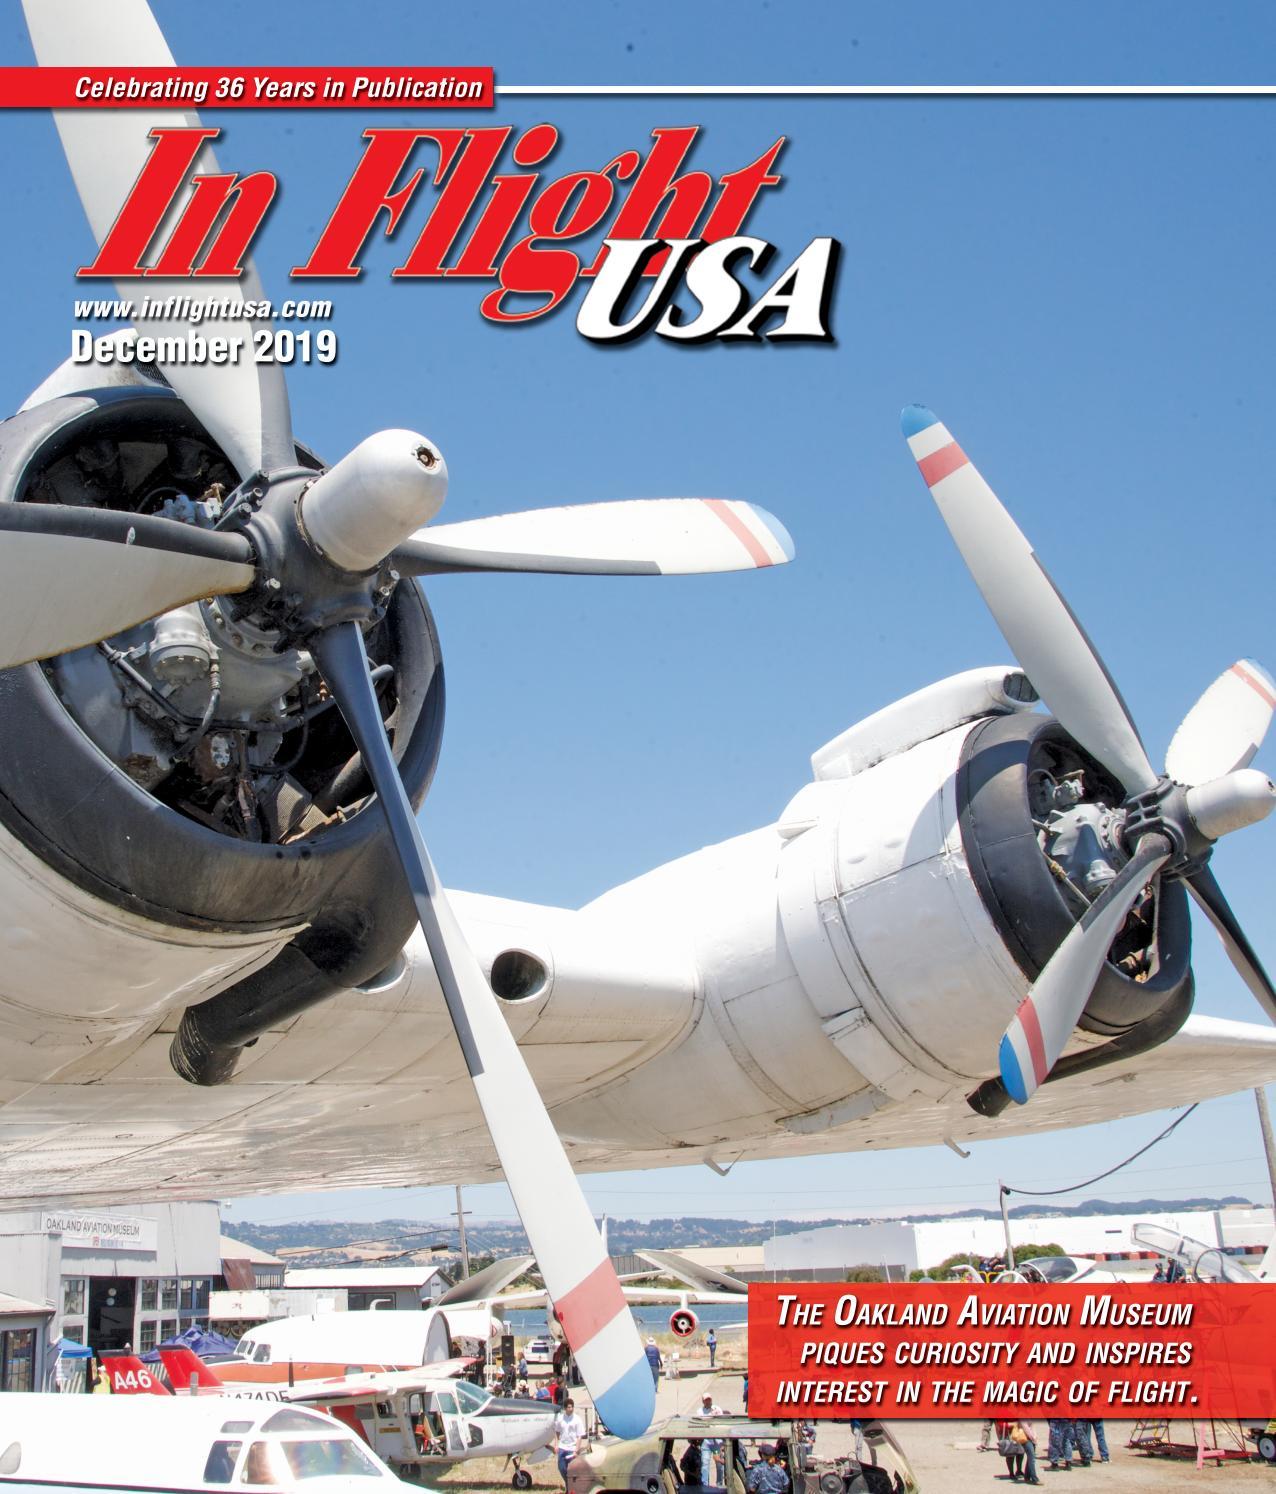 Cessna C208 Caravan FedEx aircraft round sticker